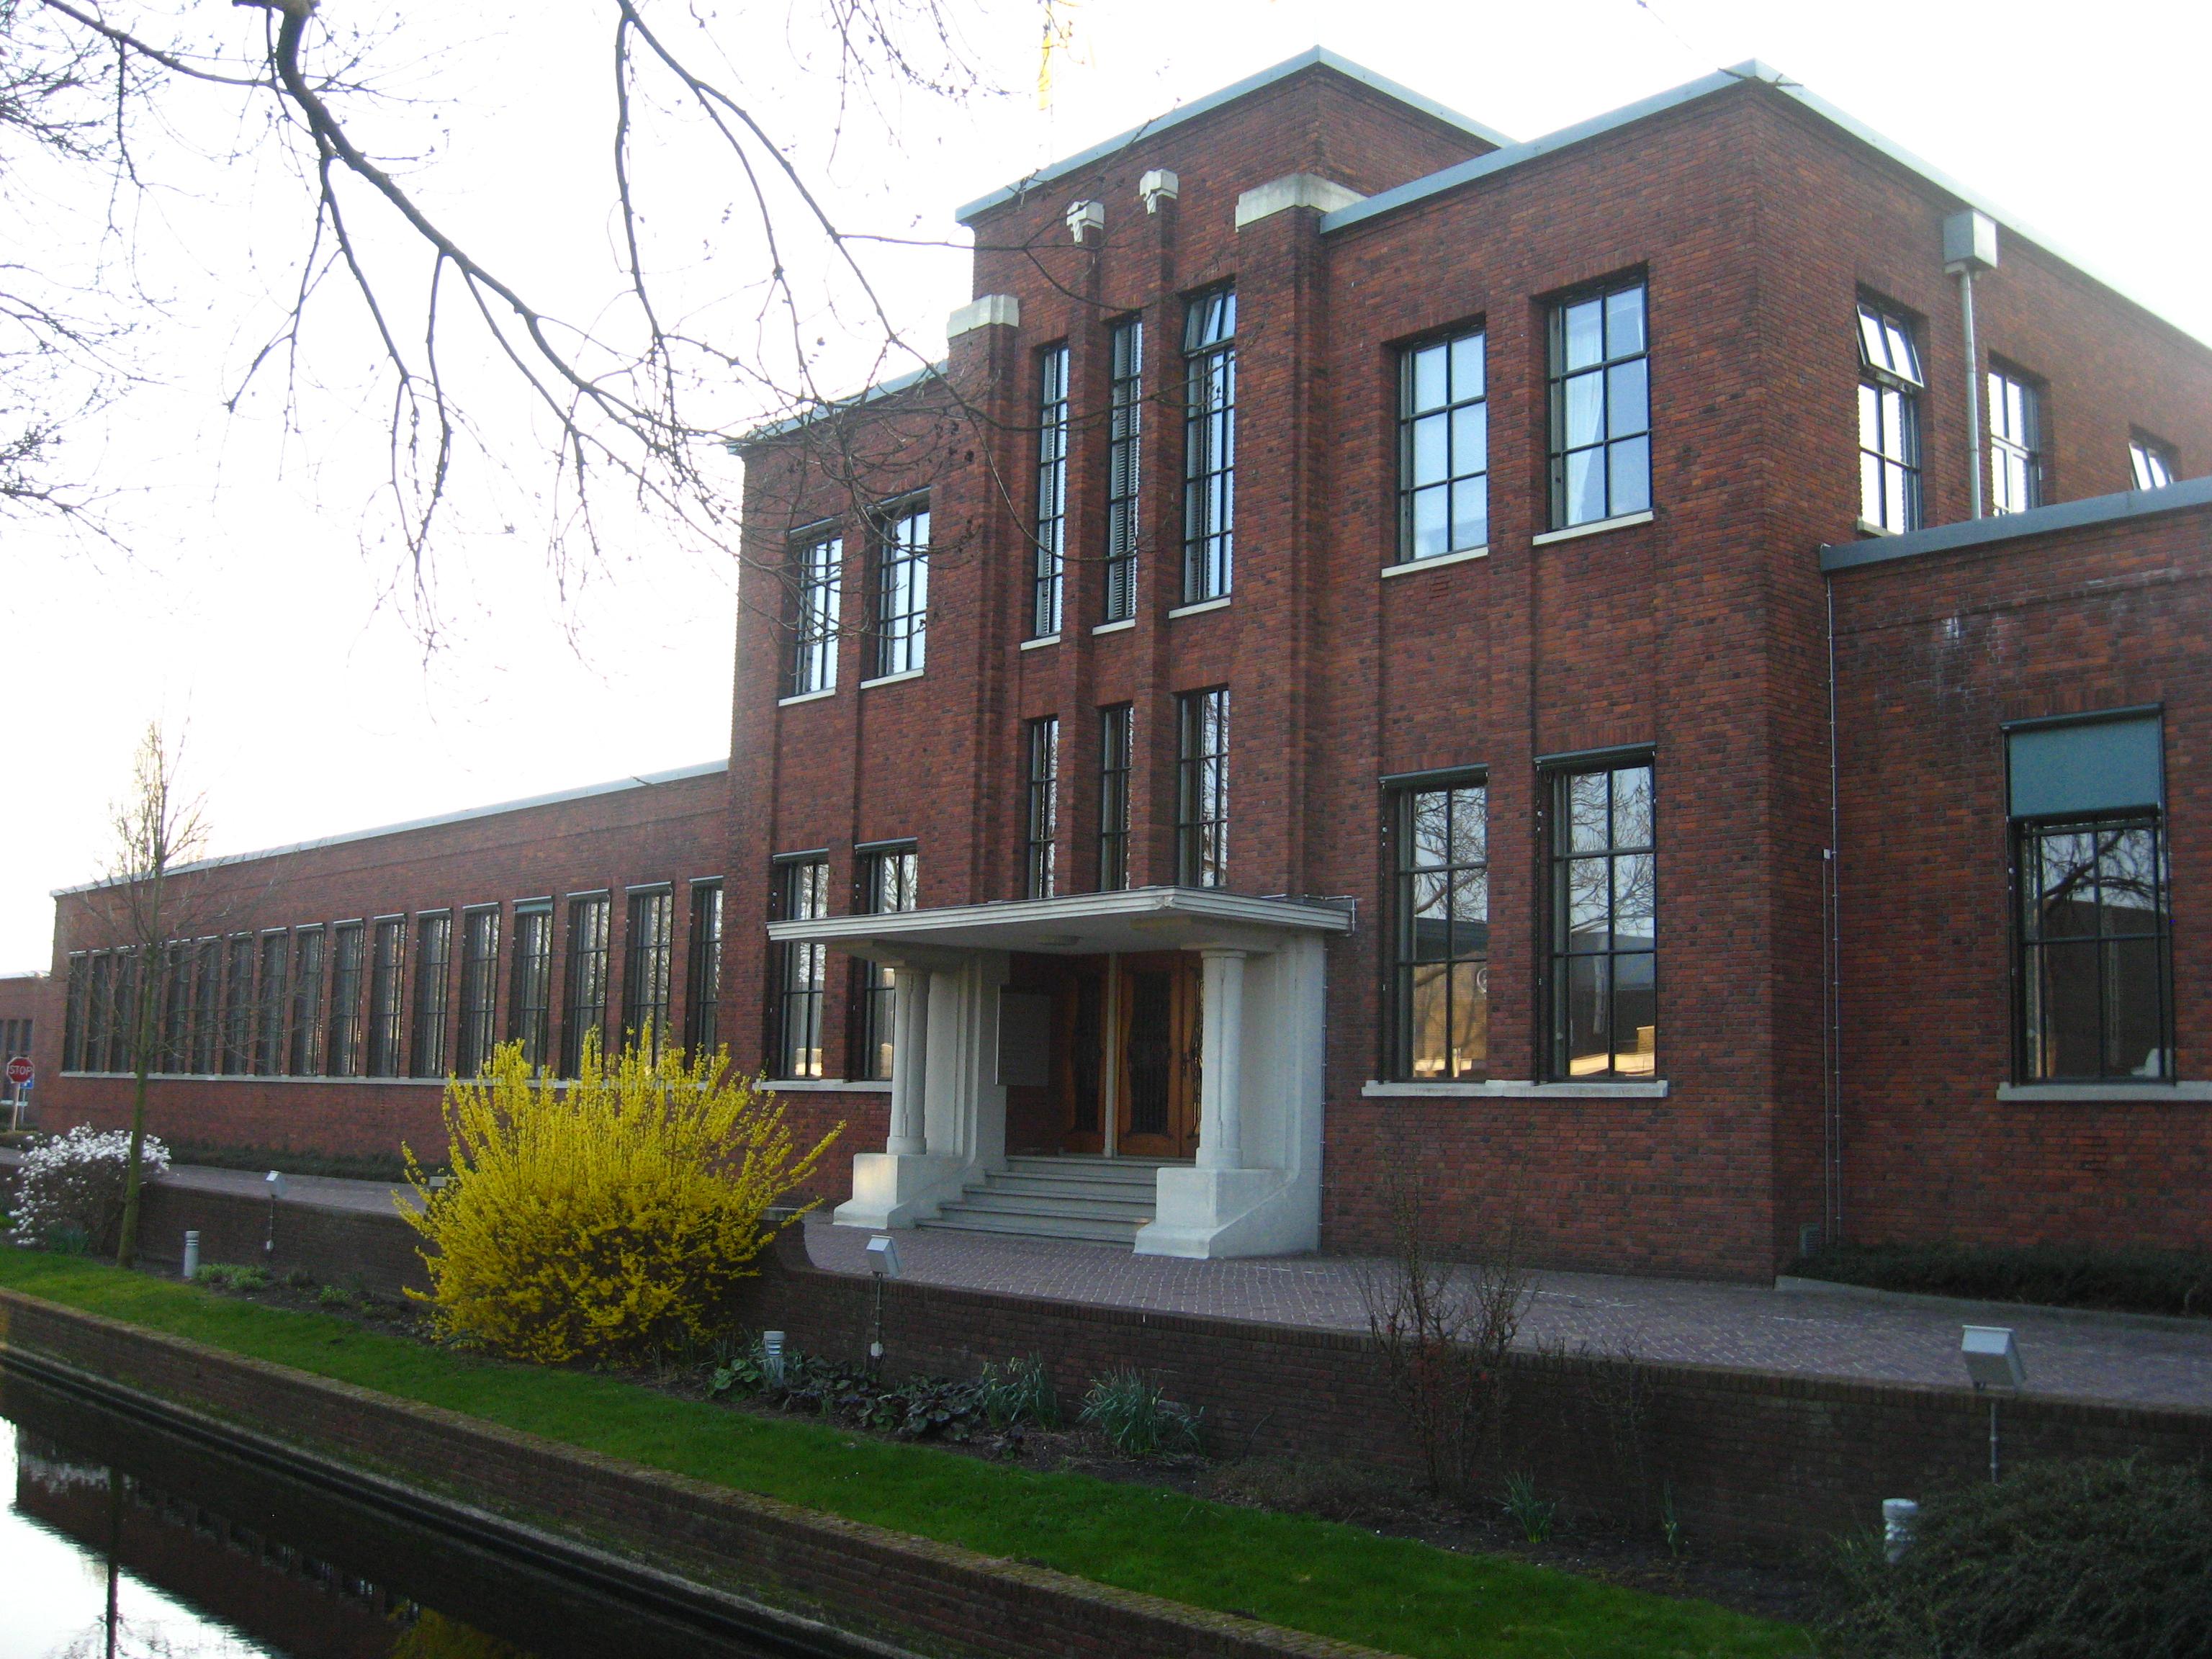 Kantoorgebouw van de voormalige tabaksfabriek louis dobbelman in waddinxveen monument - Expressionistische architectuur ...